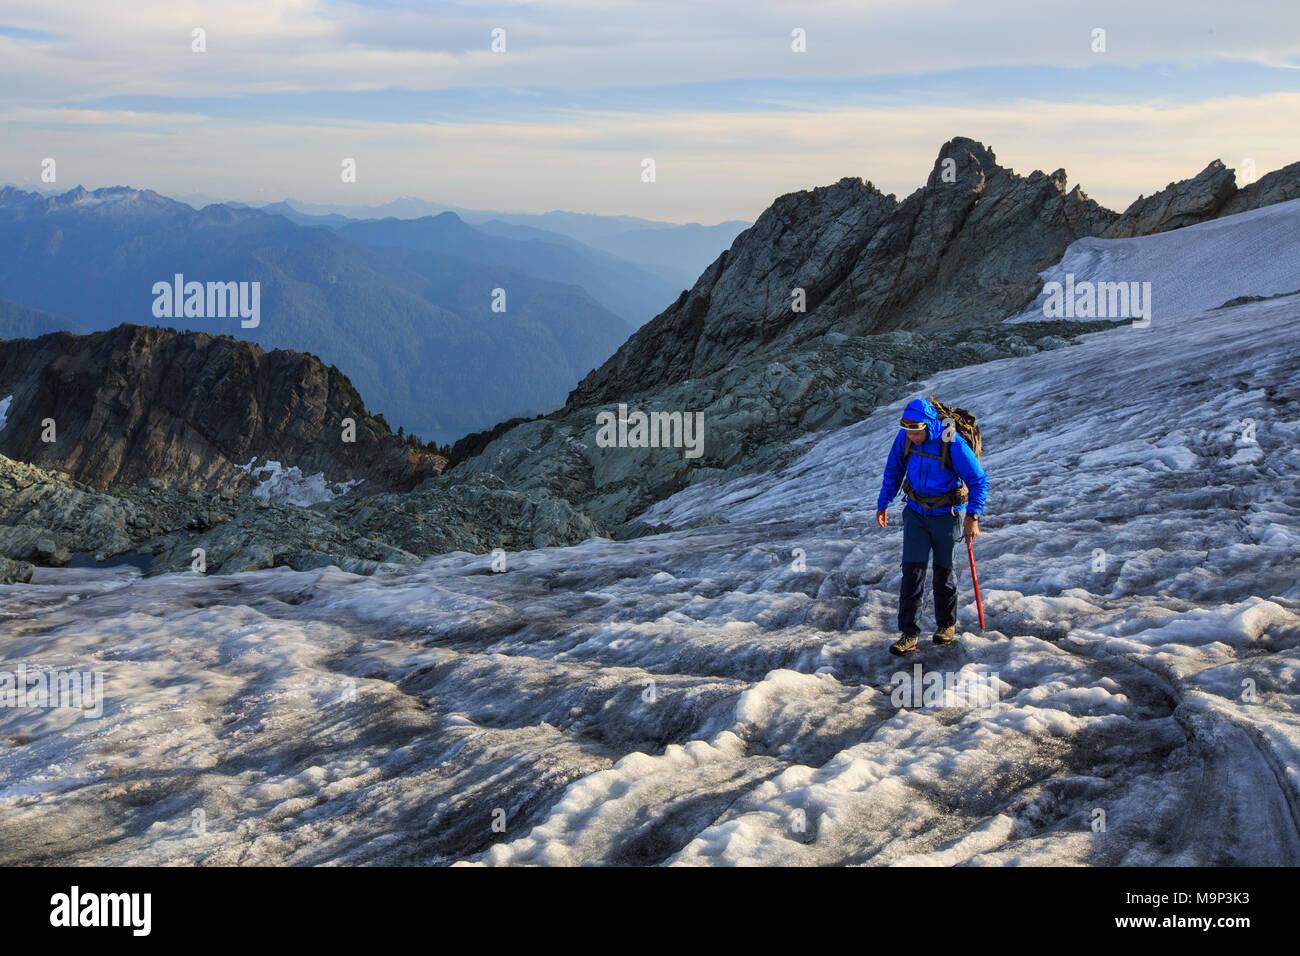 Klettergurt Für Gletscher : Bergsteiger auf gletscher am mount shuksan north cascades national